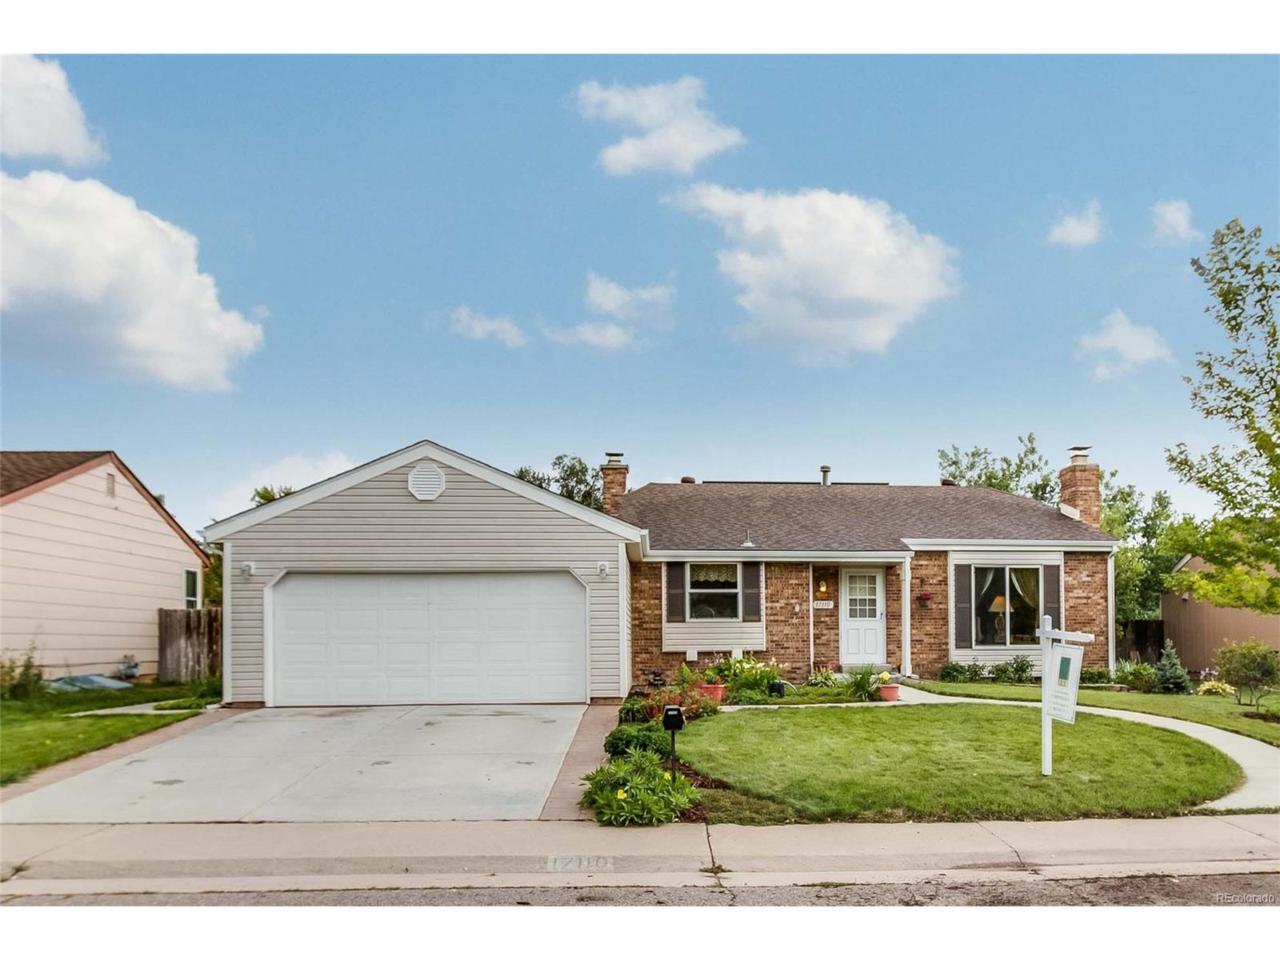 17110 E Progress Circle, Centennial, CO 80015 (MLS #1546469) :: 8z Real Estate